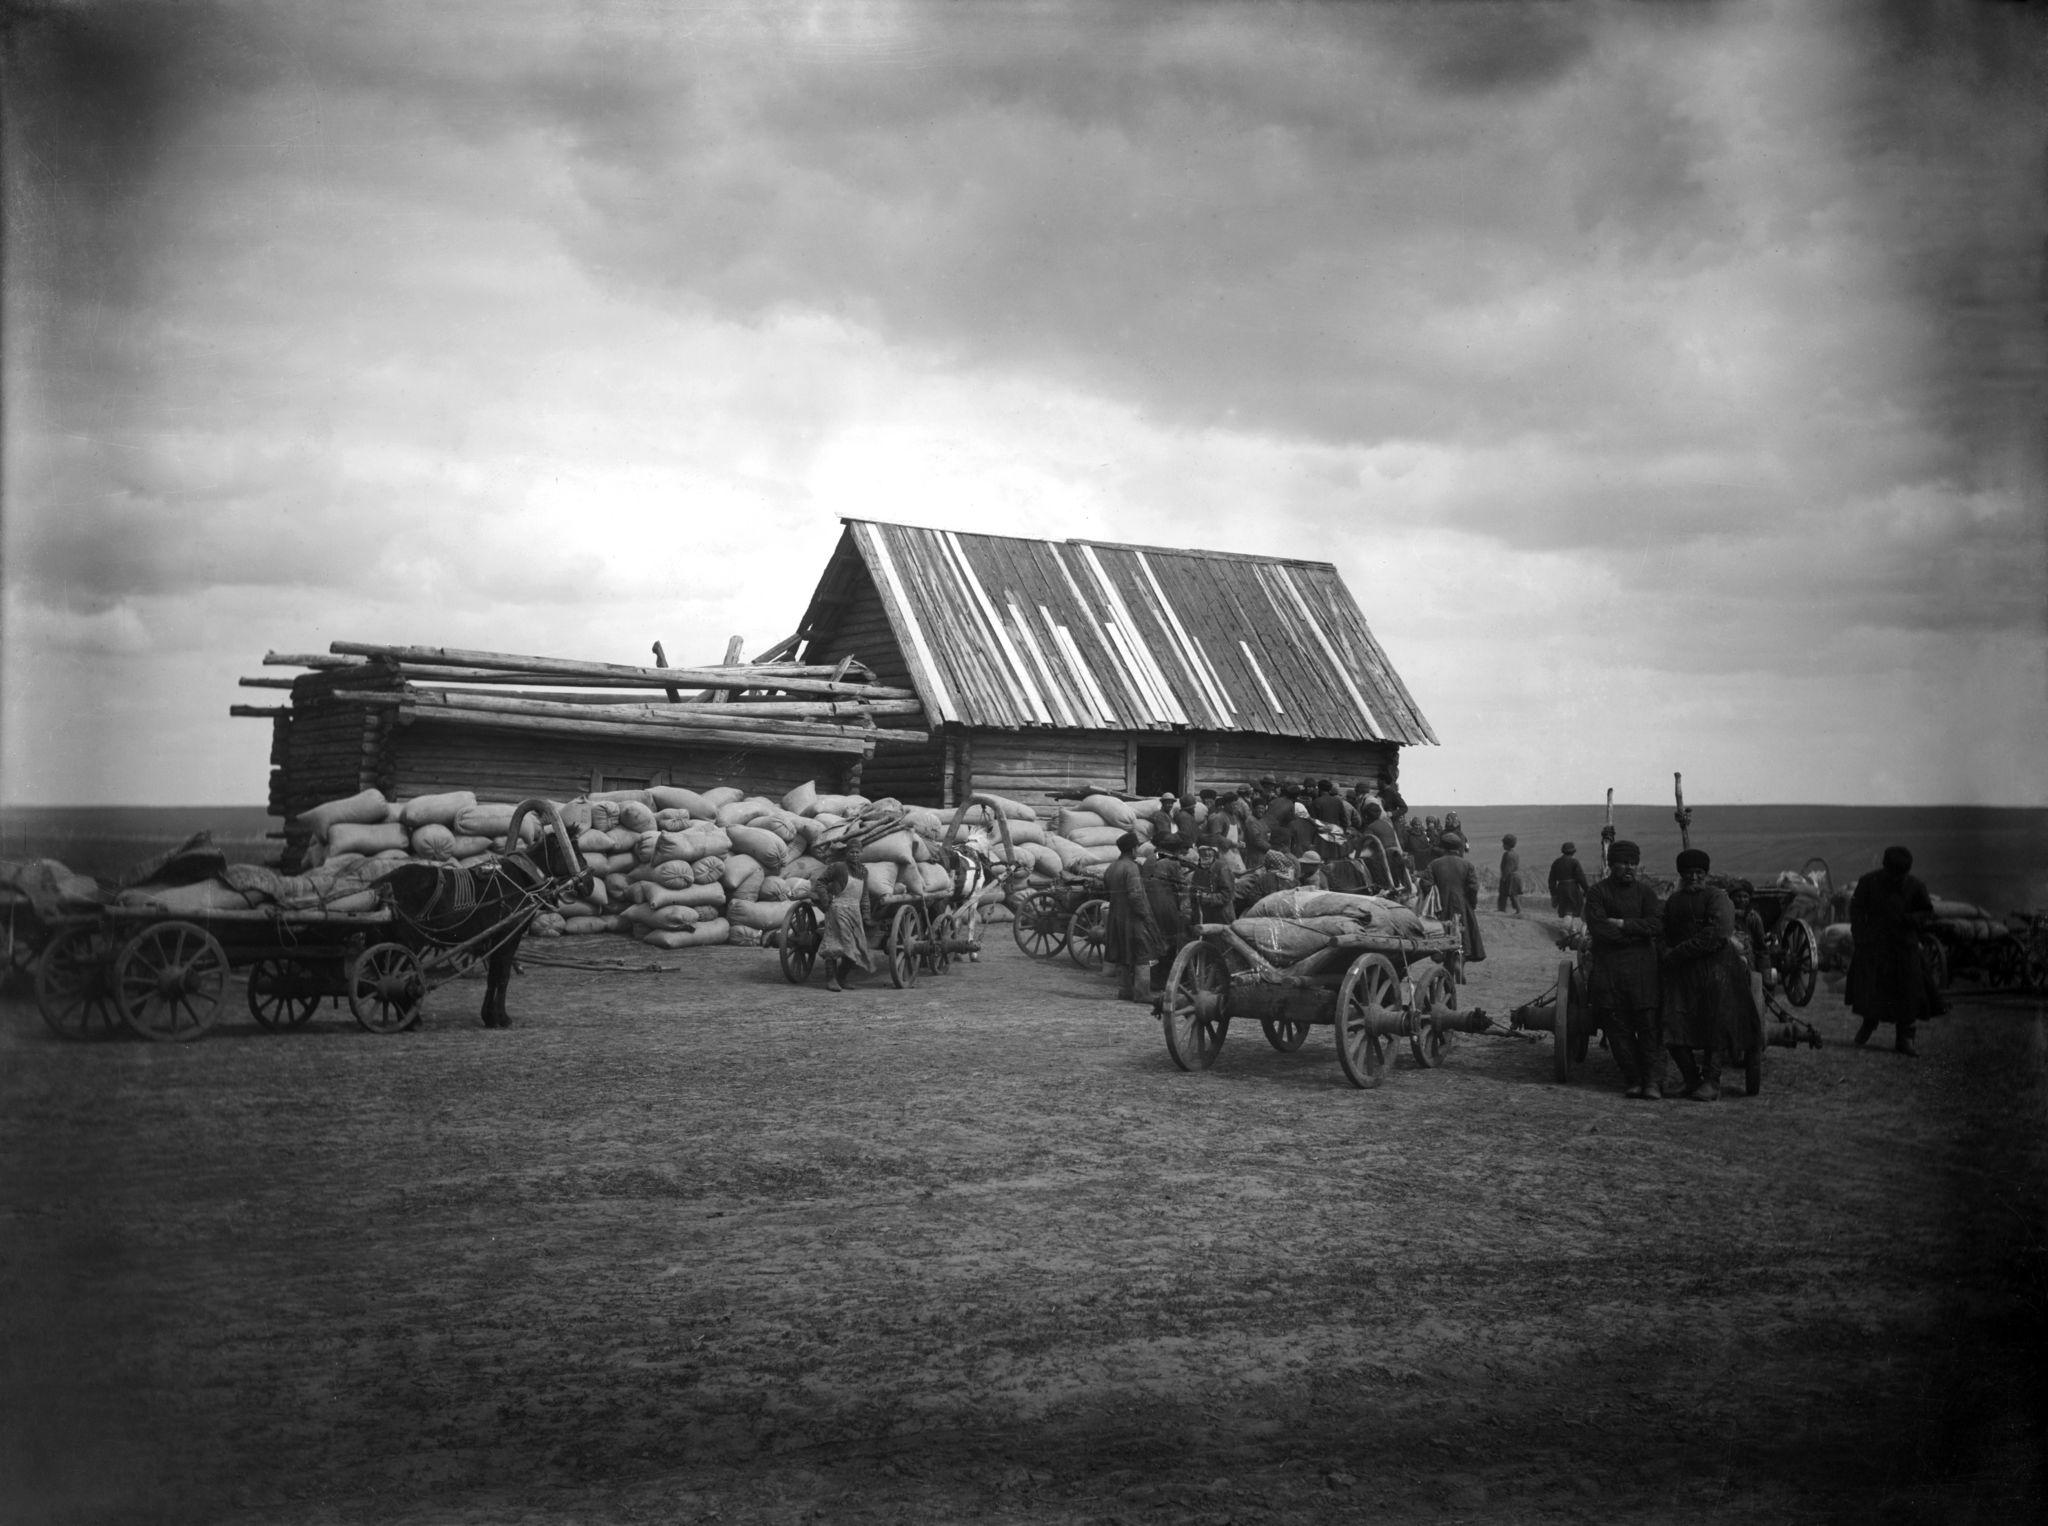 Неурожайный год. Доставка семян в ссуду крестьянам в деревню Урга